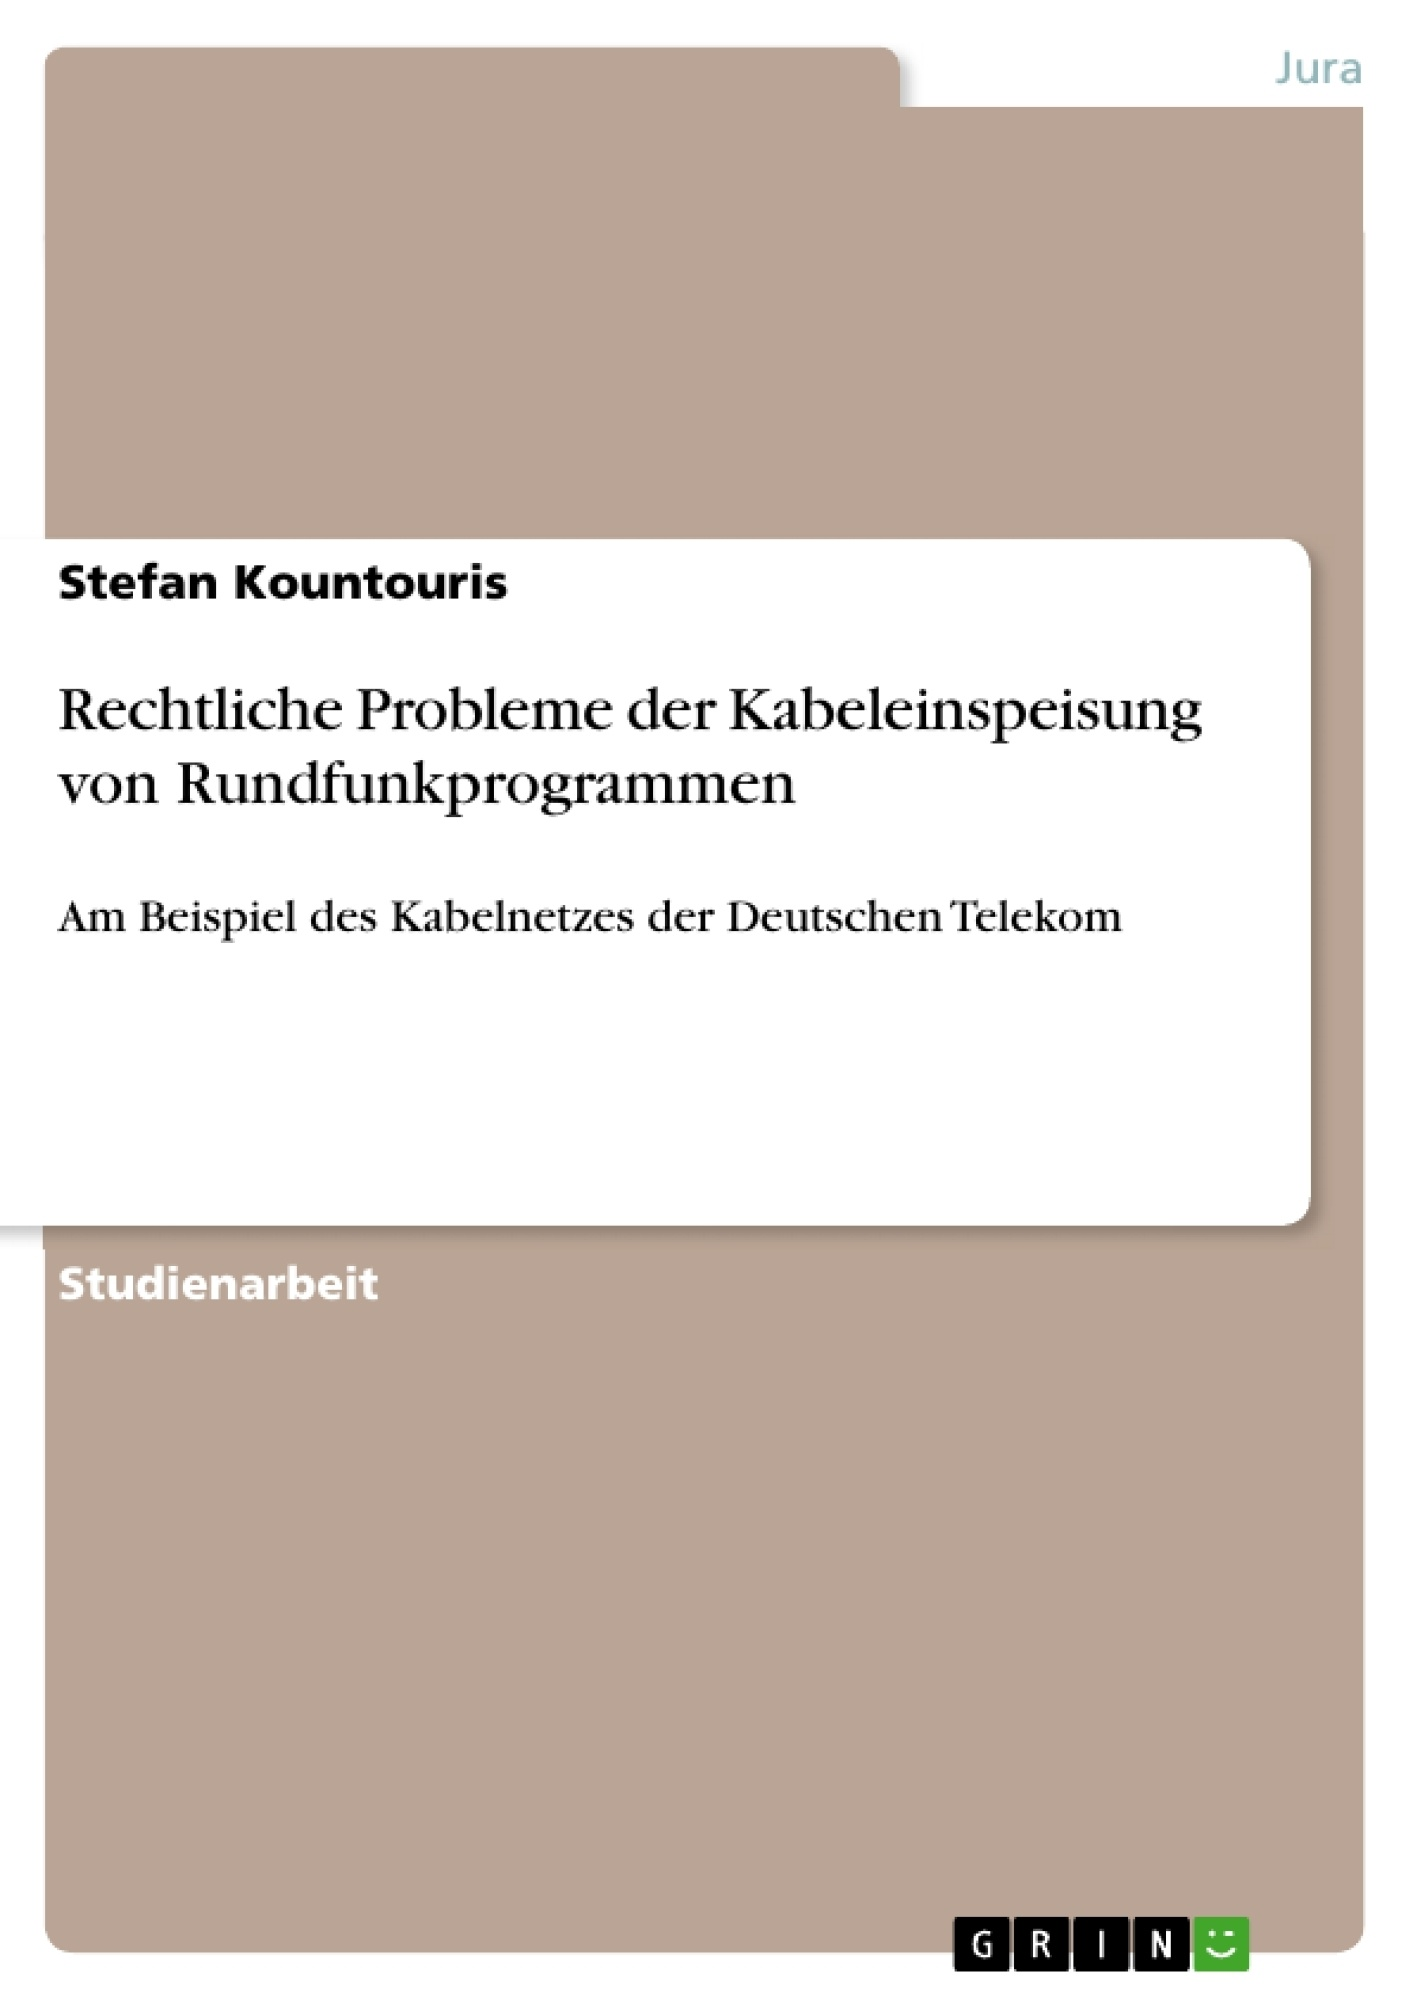 Titel: Rechtliche Probleme der Kabeleinspeisung von Rundfunkprogrammen